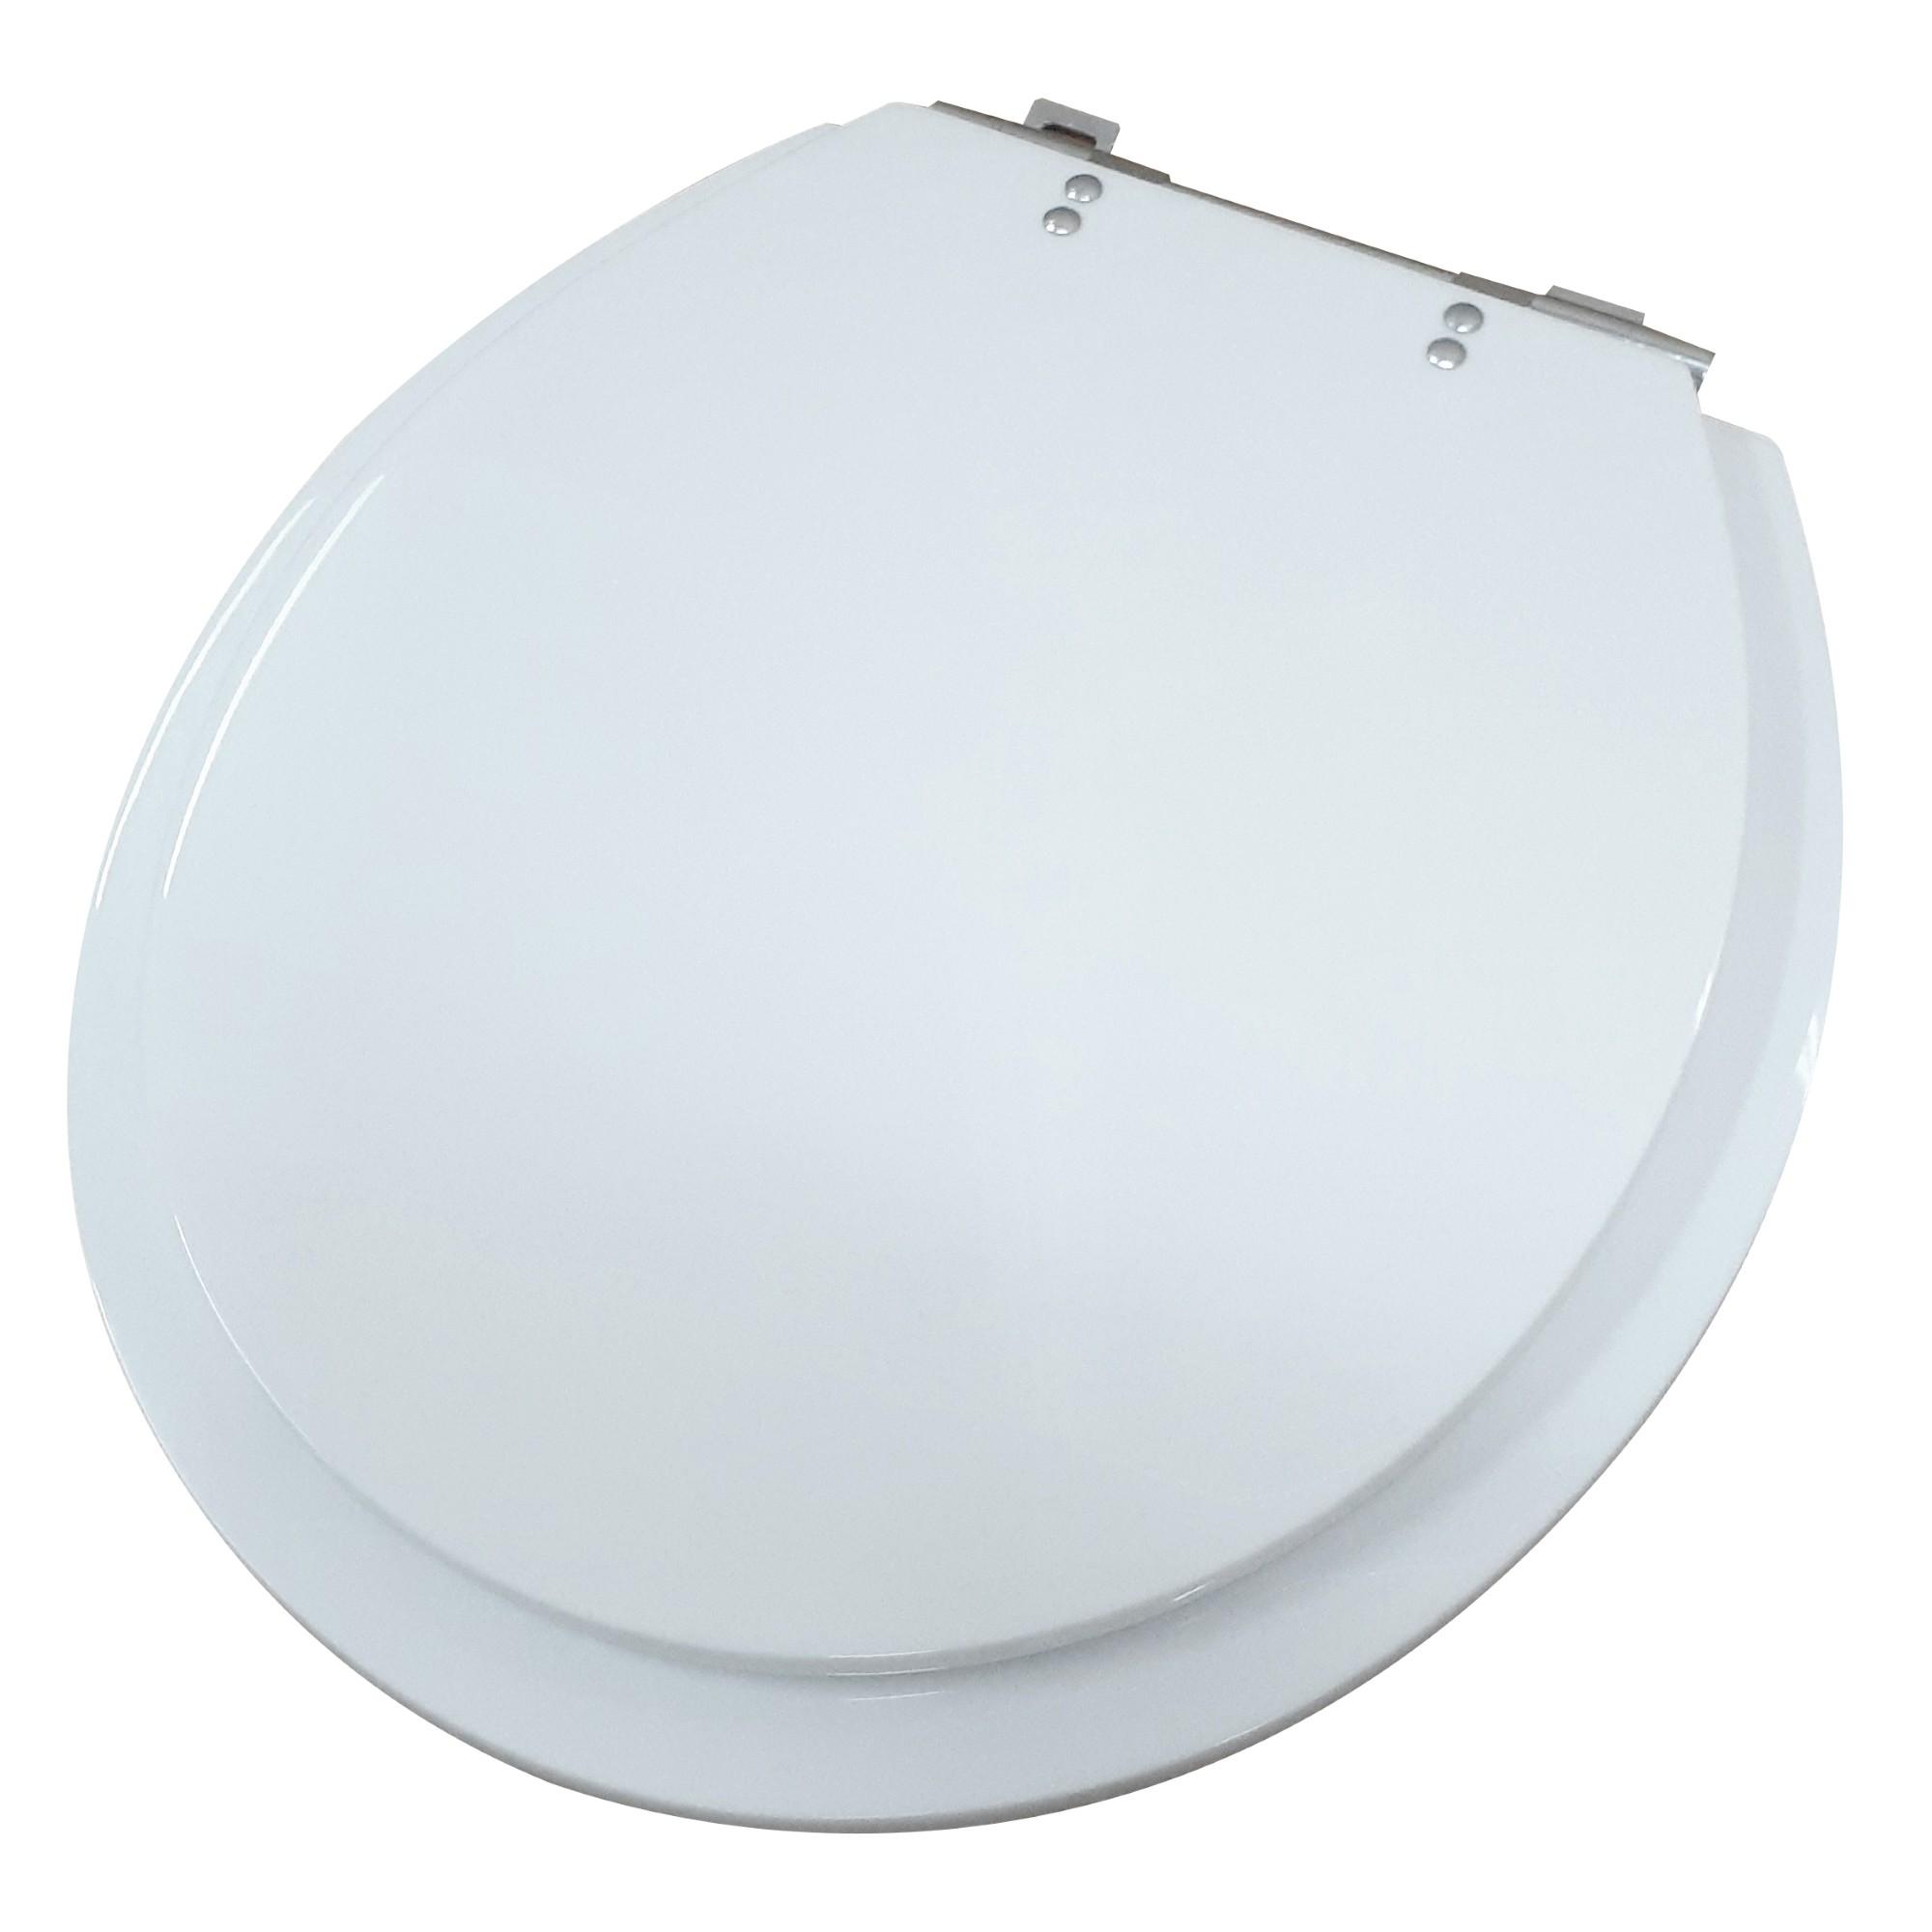 Assento Sanitario Branco Polido Slim - Sicmol